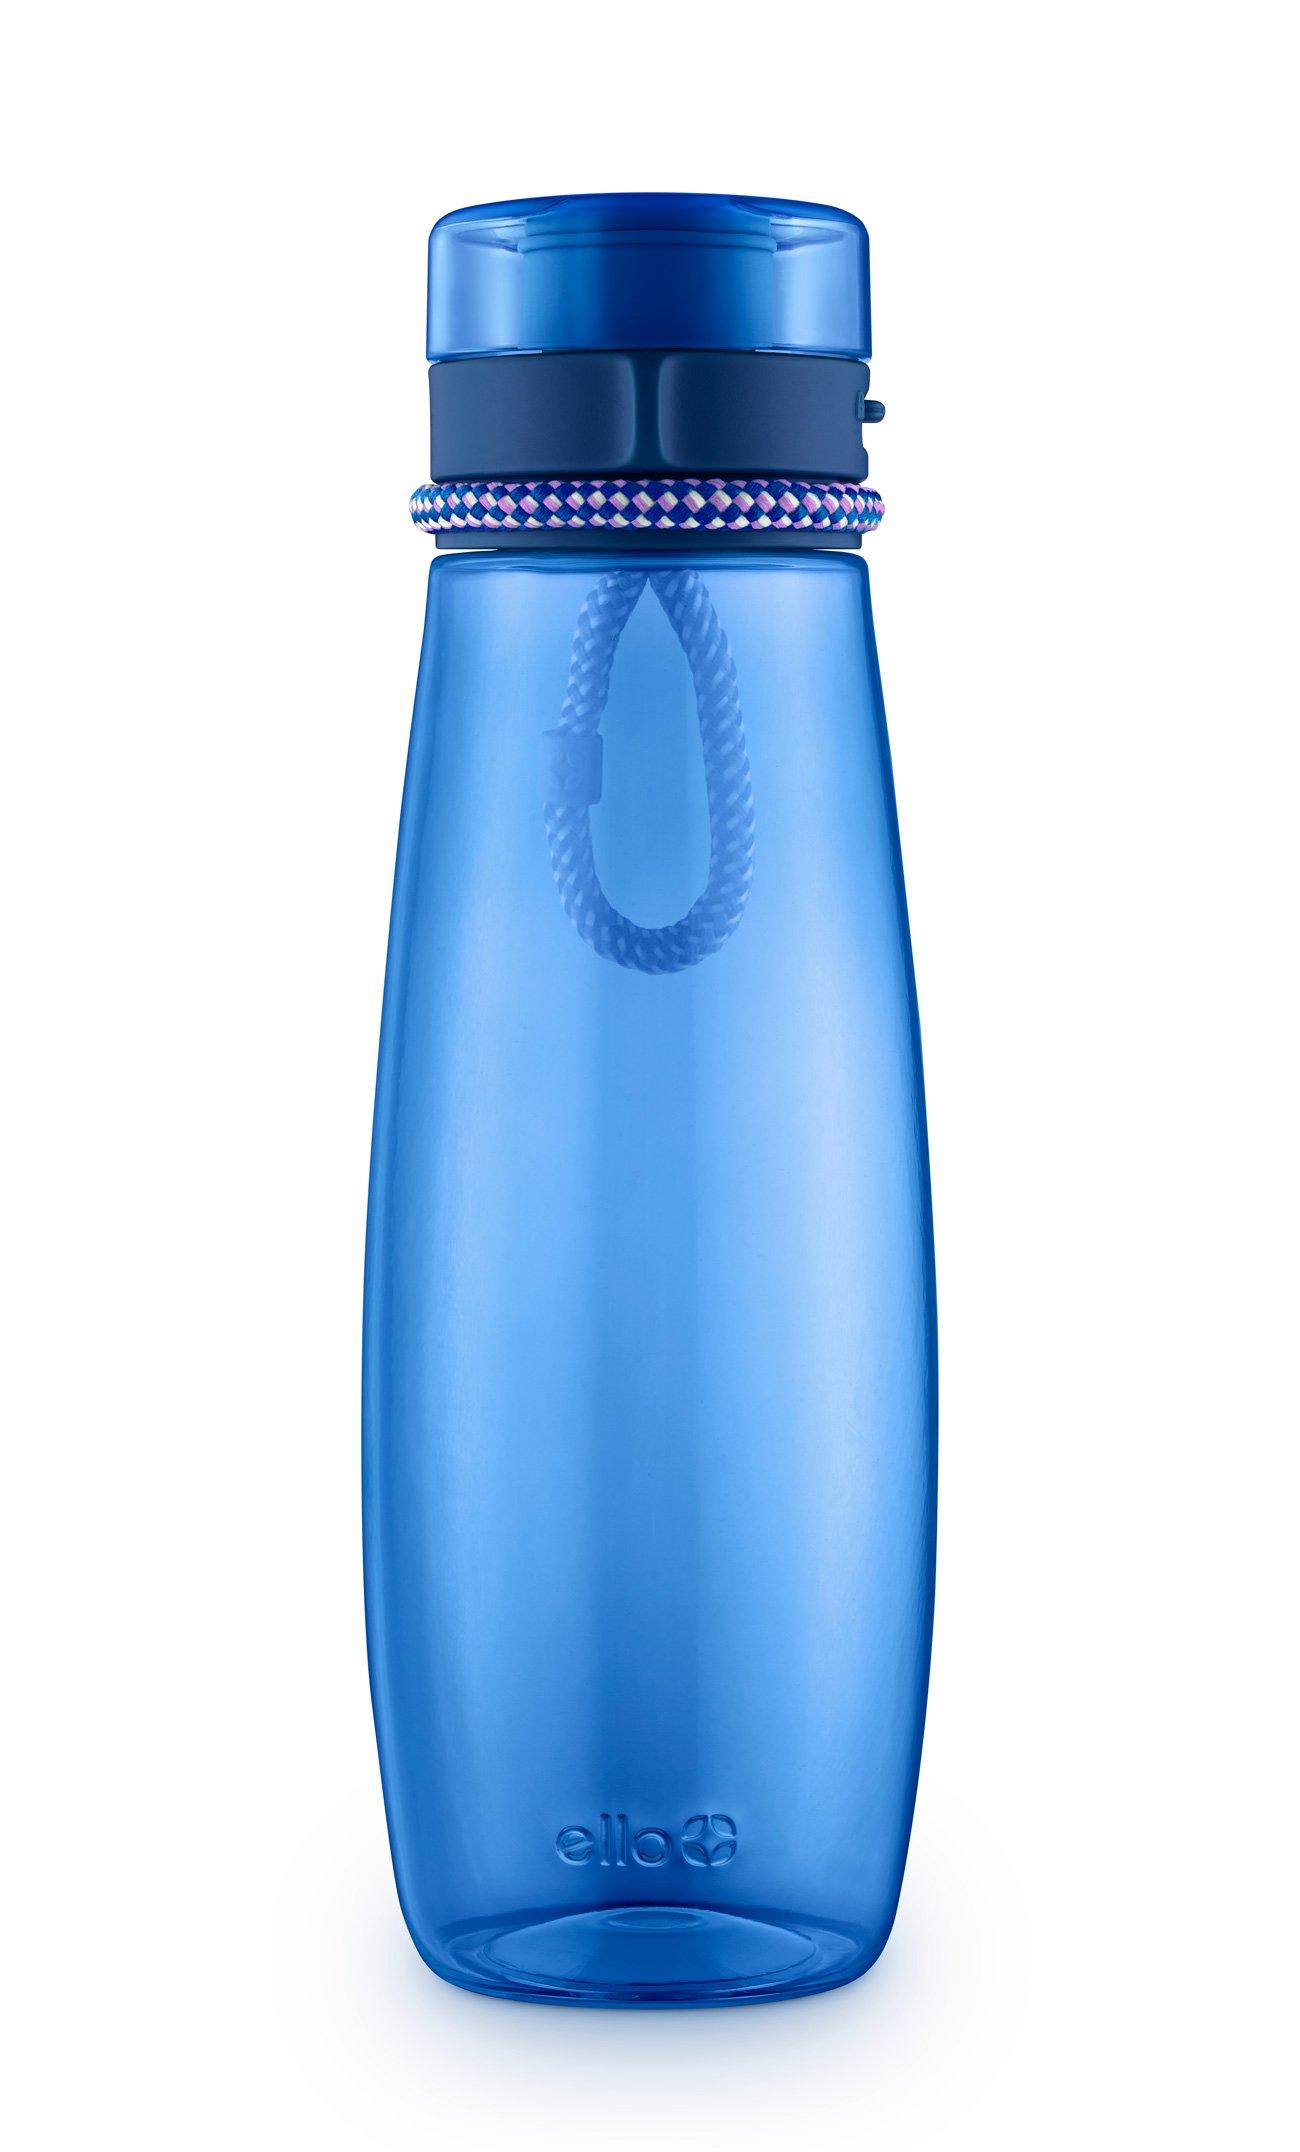 Ello Twister Tritan Plastic Water Bottle with Flip-Lid